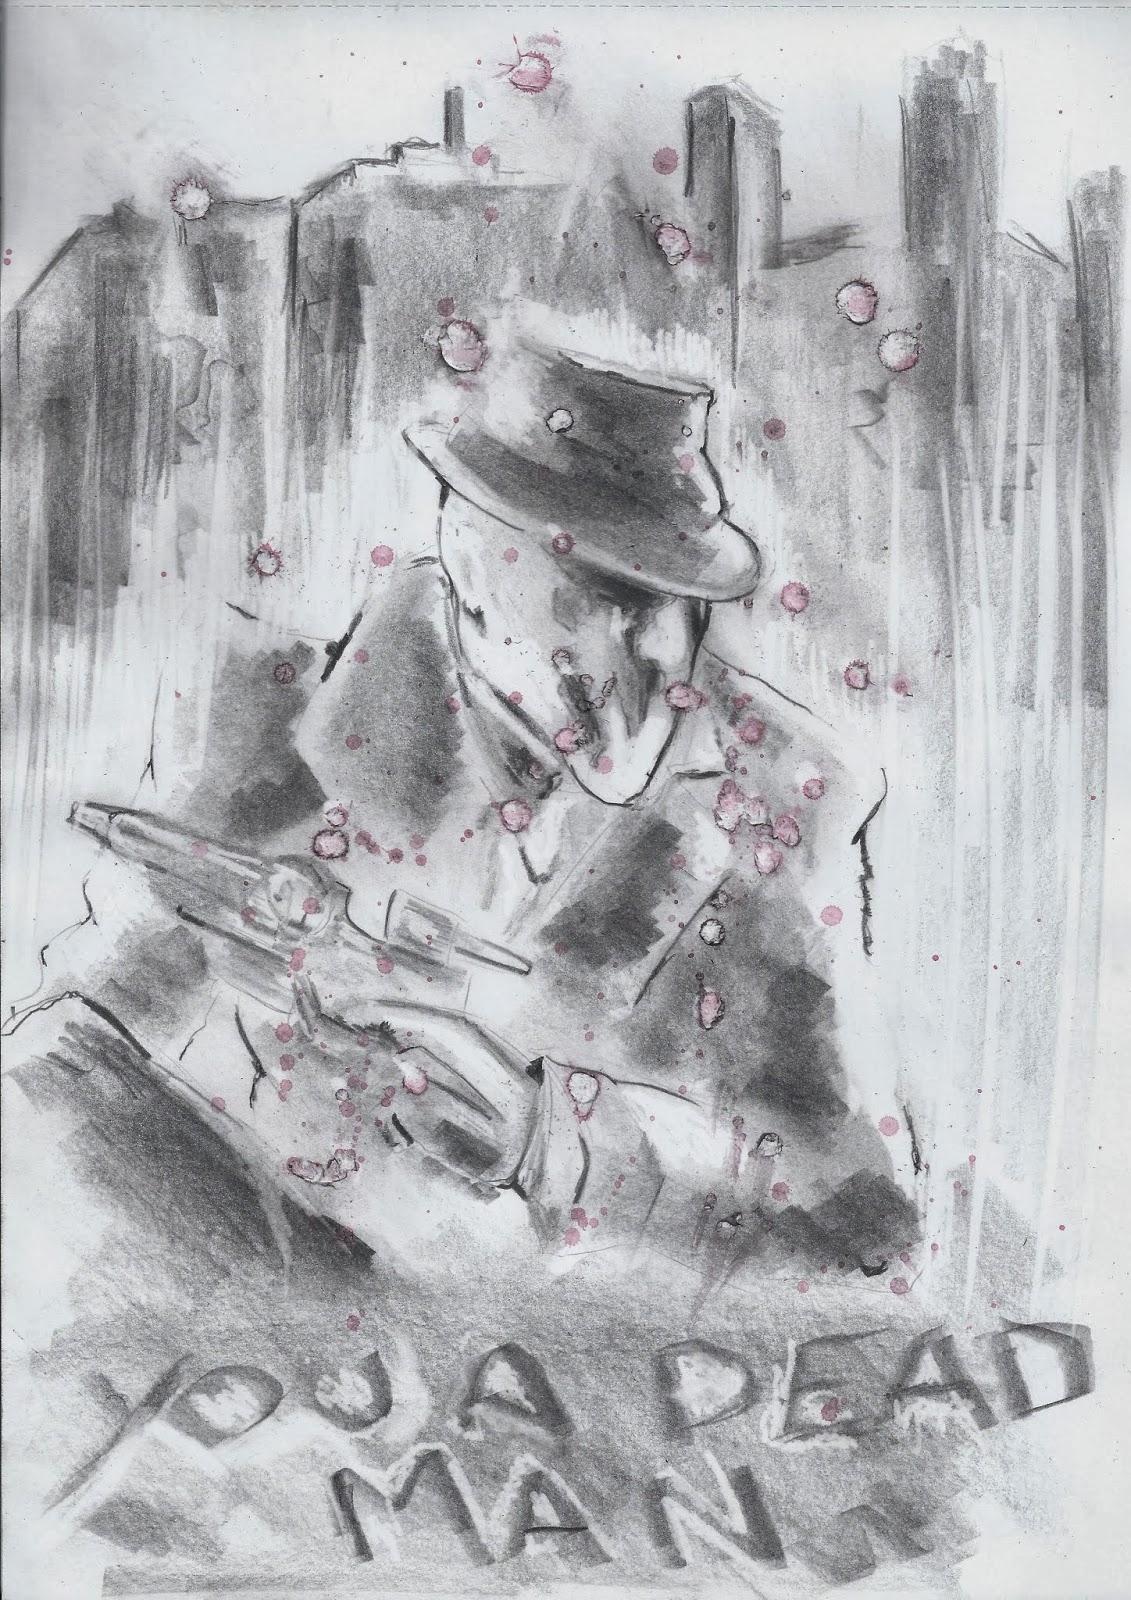 Steve Ditko's Mr. A no. 24 50th anniversary commemorative edition 1967 - 2017